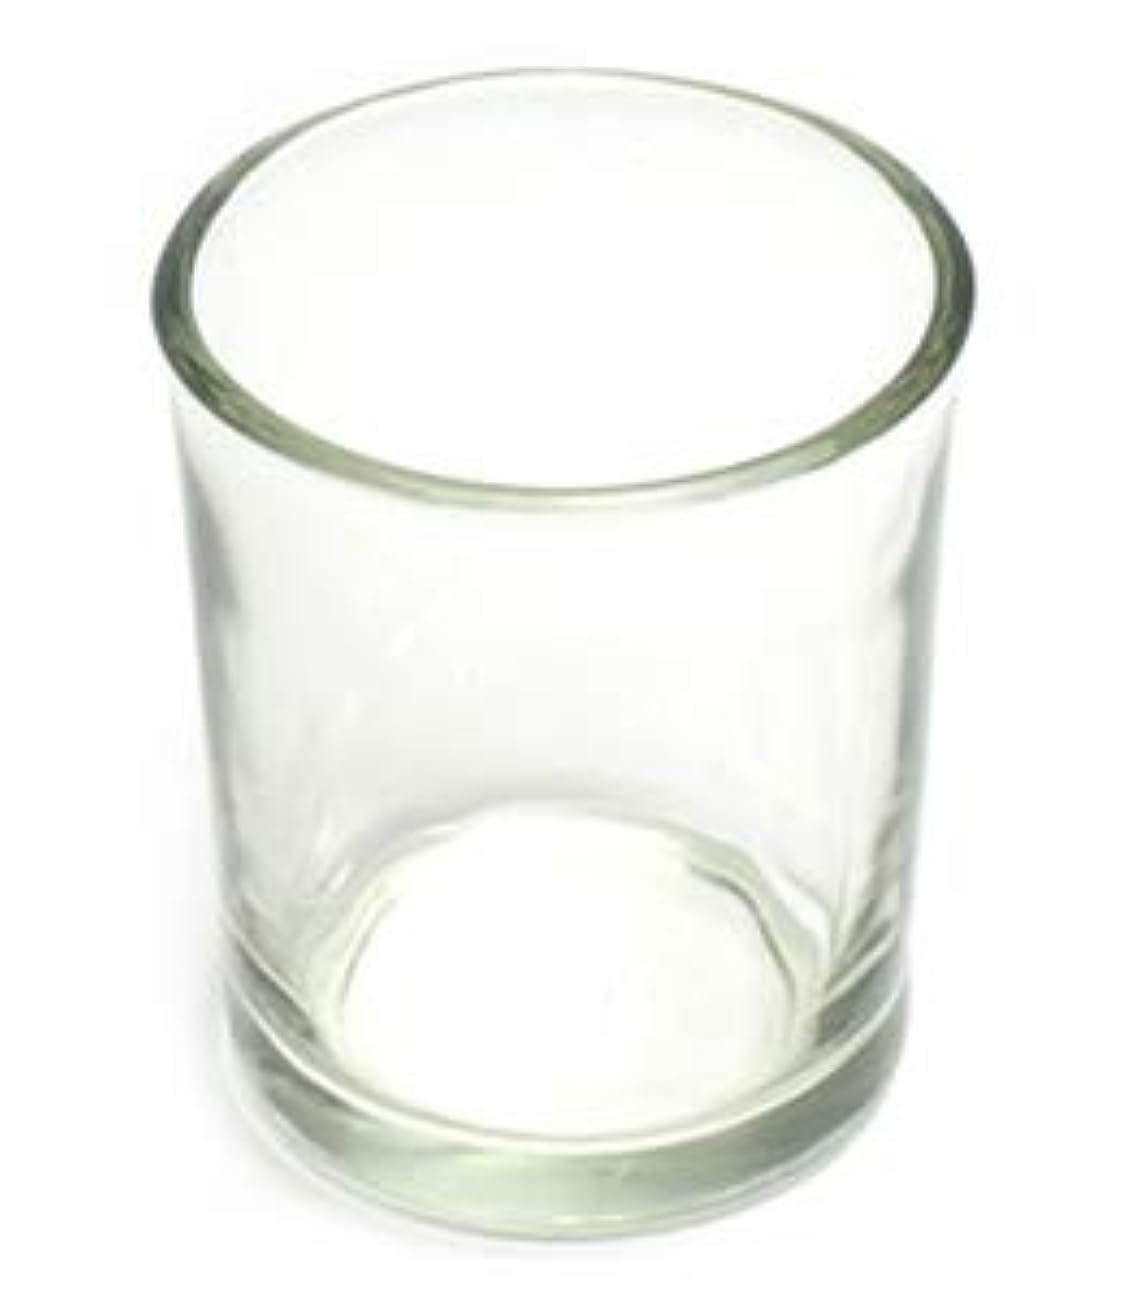 ジャケット謙虚カーテンキャンドルホルダー ガラス シンプル[小] 1個 キャンドルスタンド 透明 クリア おしゃれ ろうそく立て